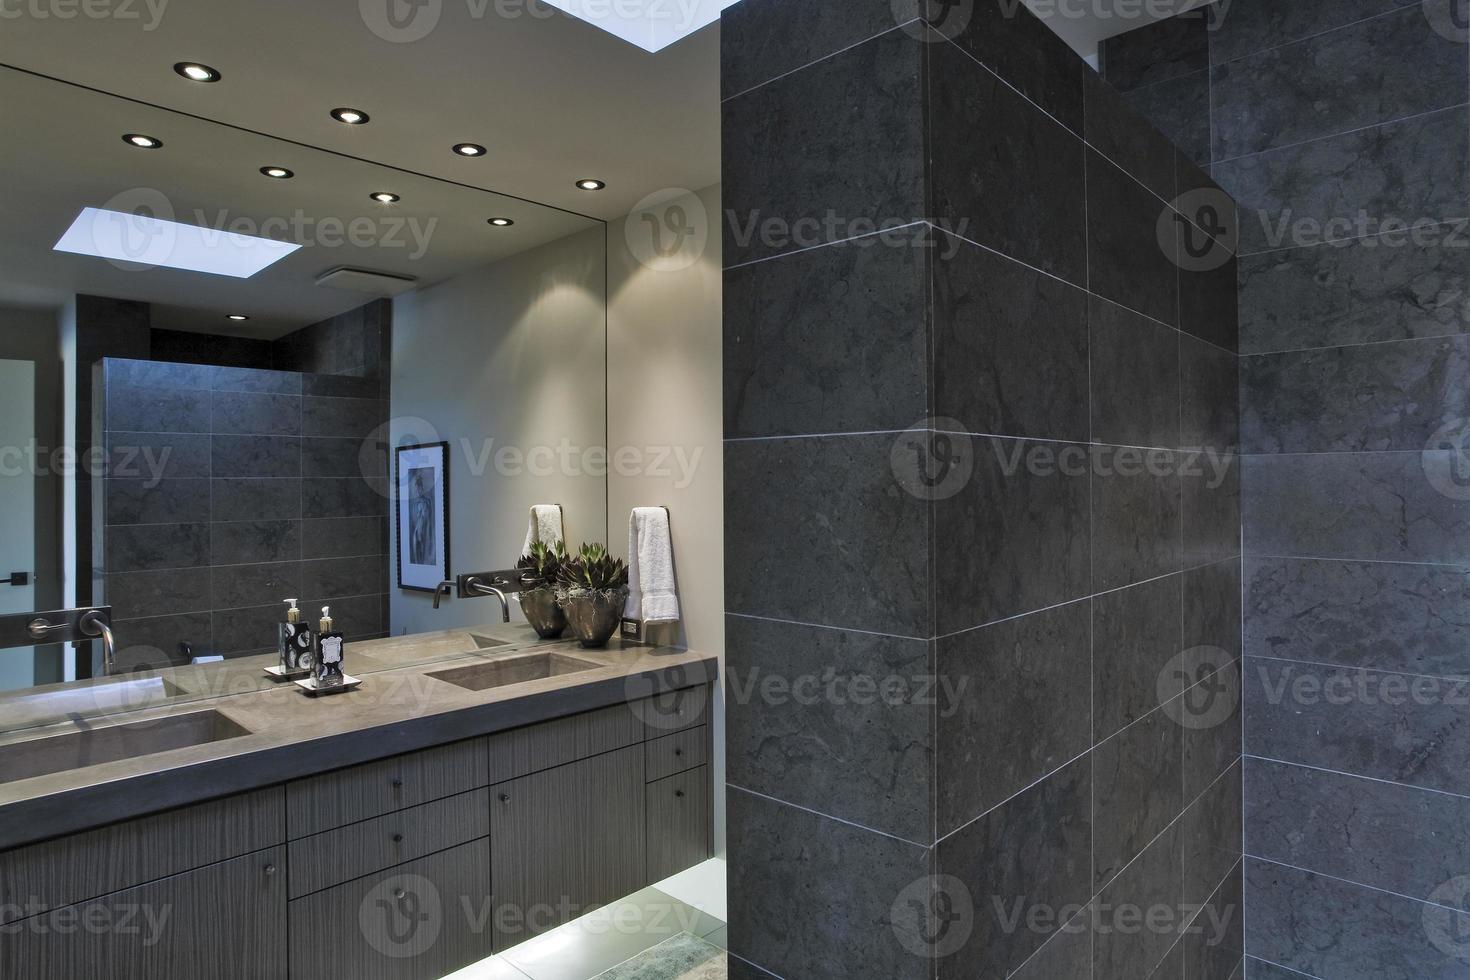 miroir au-dessus du lavabo dans la salle de bain photo